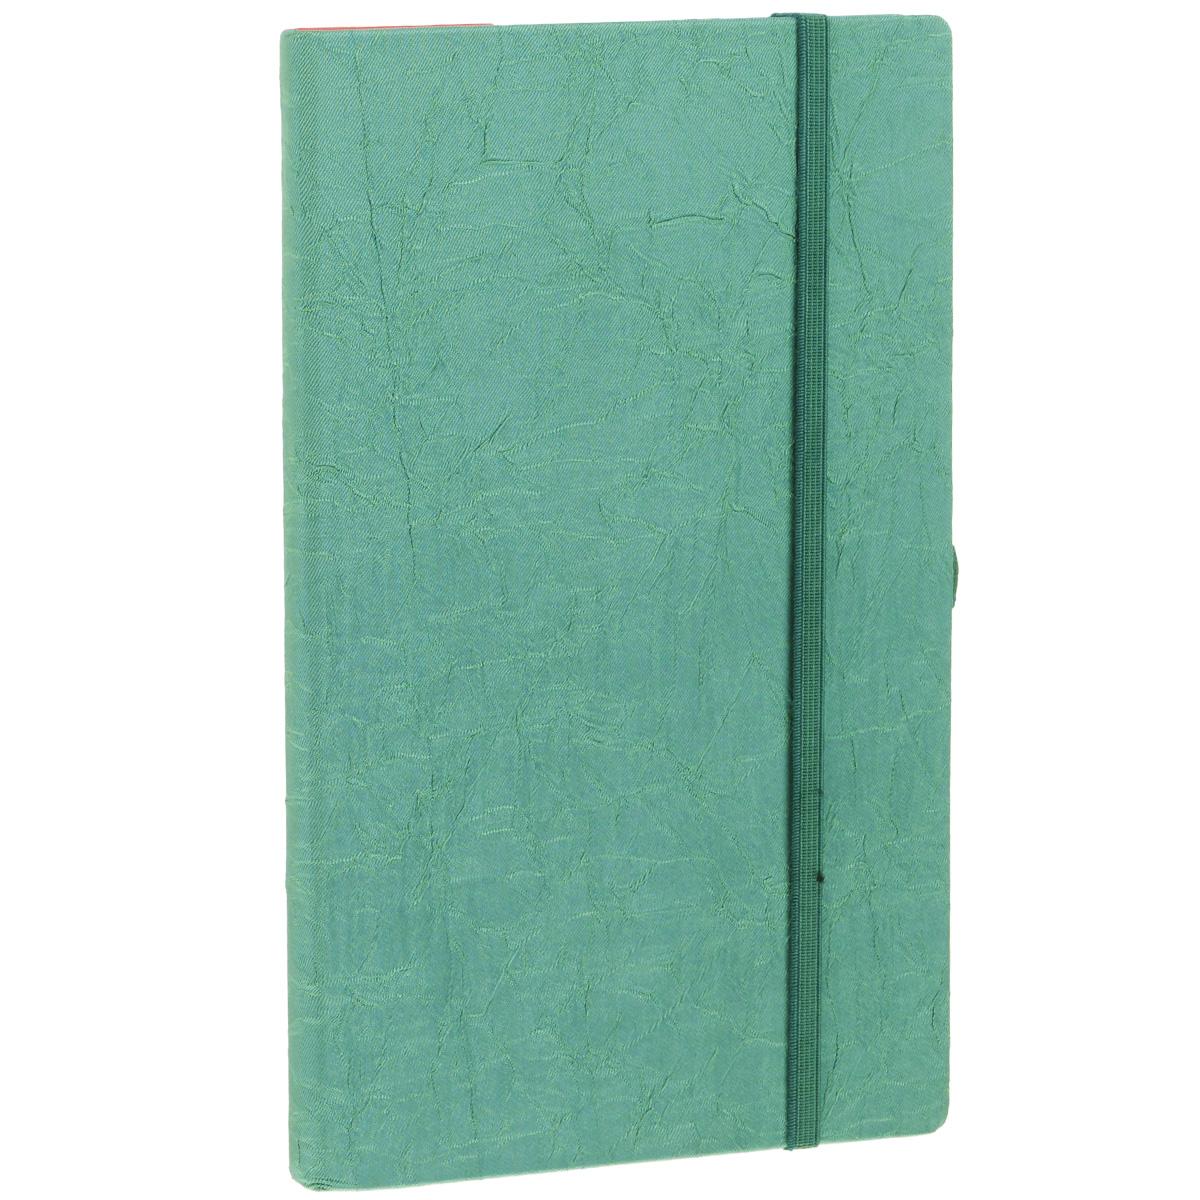 Записная книжка Erich Krause Perfect, цвет: изумрудный, 96 листов36780Записная книжка Erich Krause Tsarina - это дополнительный штрих к вашему имиджу. Демократичная в своем содержании, книжка может быть использована не только для личных пометок и записей, но и как недатированный ежедневник. Надежная твердая обложка из плотного картона, обтянутого текстильным материалом, сохранит ее в аккуратном состоянии на протяжении всего времени использования. Плотная в линейку бумага белого цвета, закладка-ляссе, практичные скругленные углы, эластичная петелька для ручки и внутренний бумажный карман на задней обложке - все это обеспечит вам истинное удовольствие от письма. В начале книжки имеется страничка для заполнения личных данных владельца, четыре страницы для заполнения адресов, телефонов и интернет-почты и четыре страницы для заполнения сайтов и ссылок. Благодаря небольшому формату книжку легко взять с собой. Записная книжка плотно закрывается при помощи фиксирующей резинки.